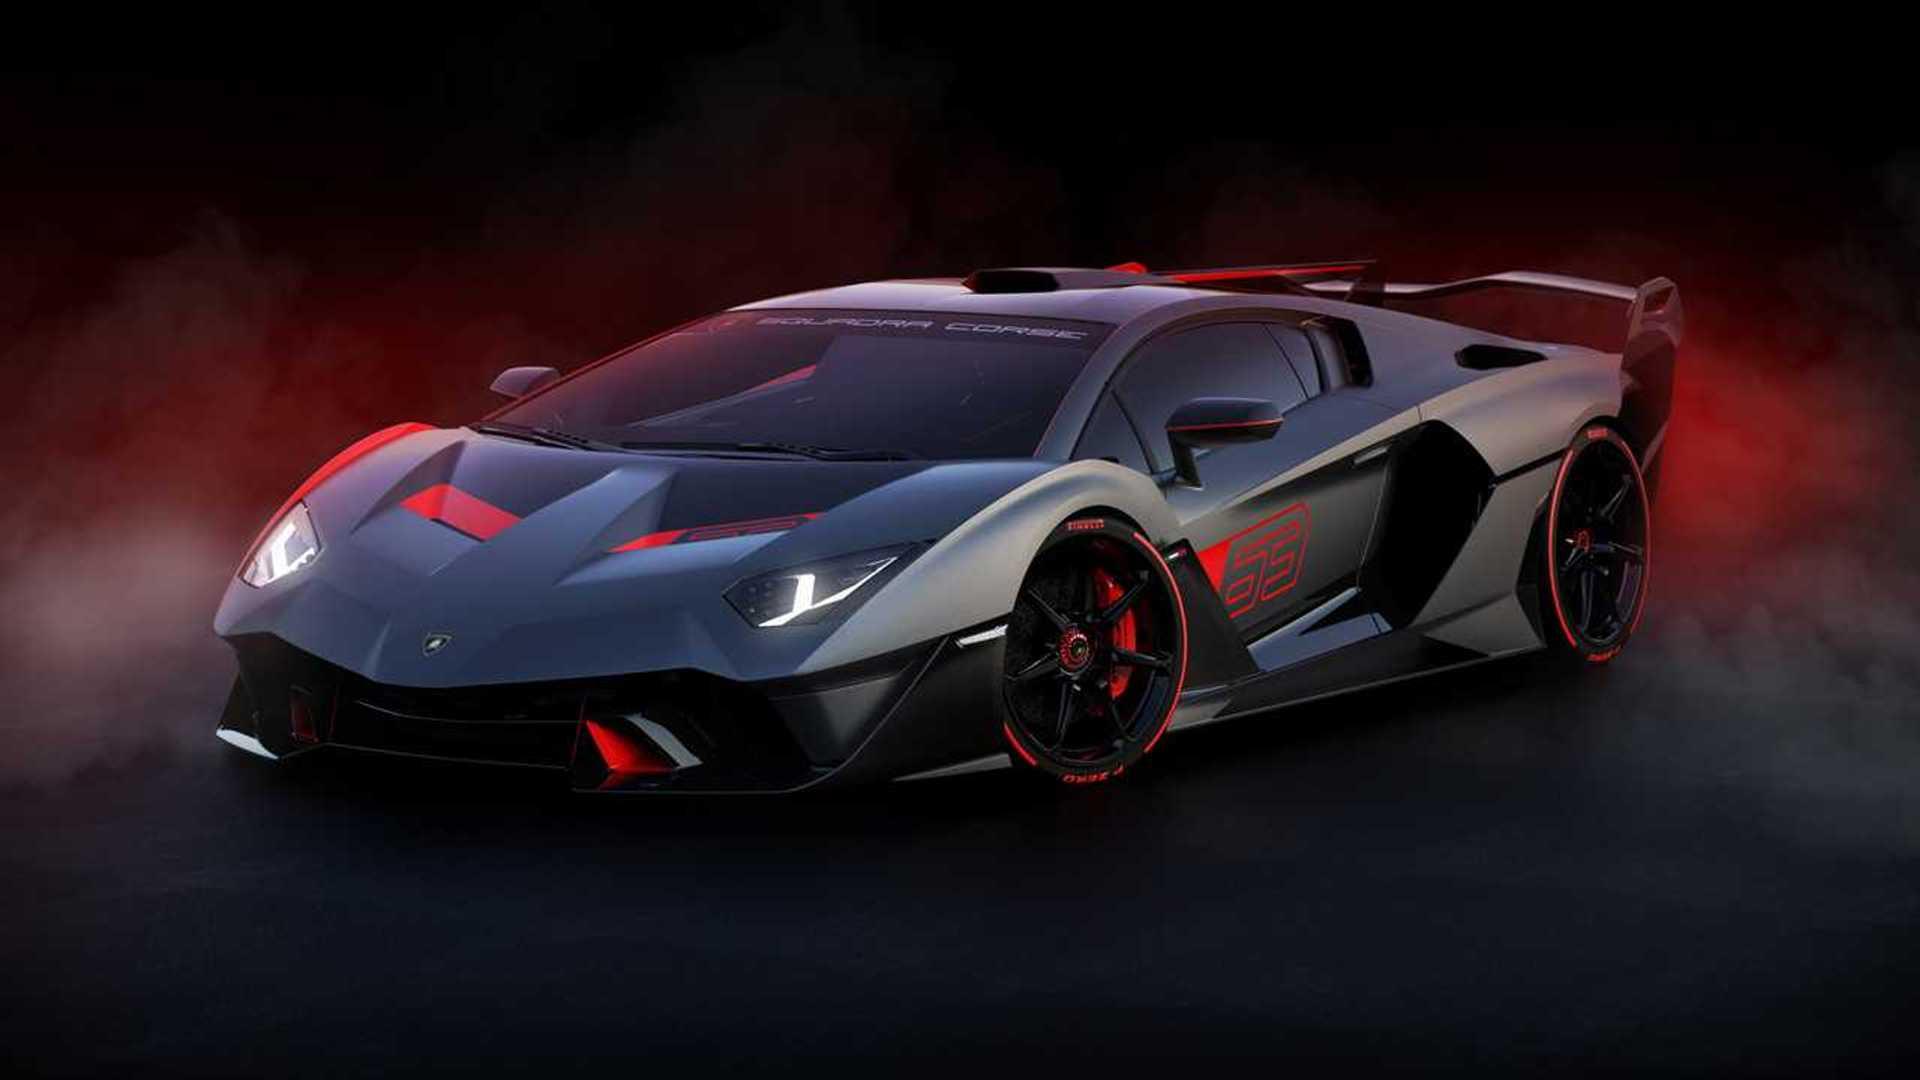 Lamborghini Aventador Successor Allegedly Arriving In 2020